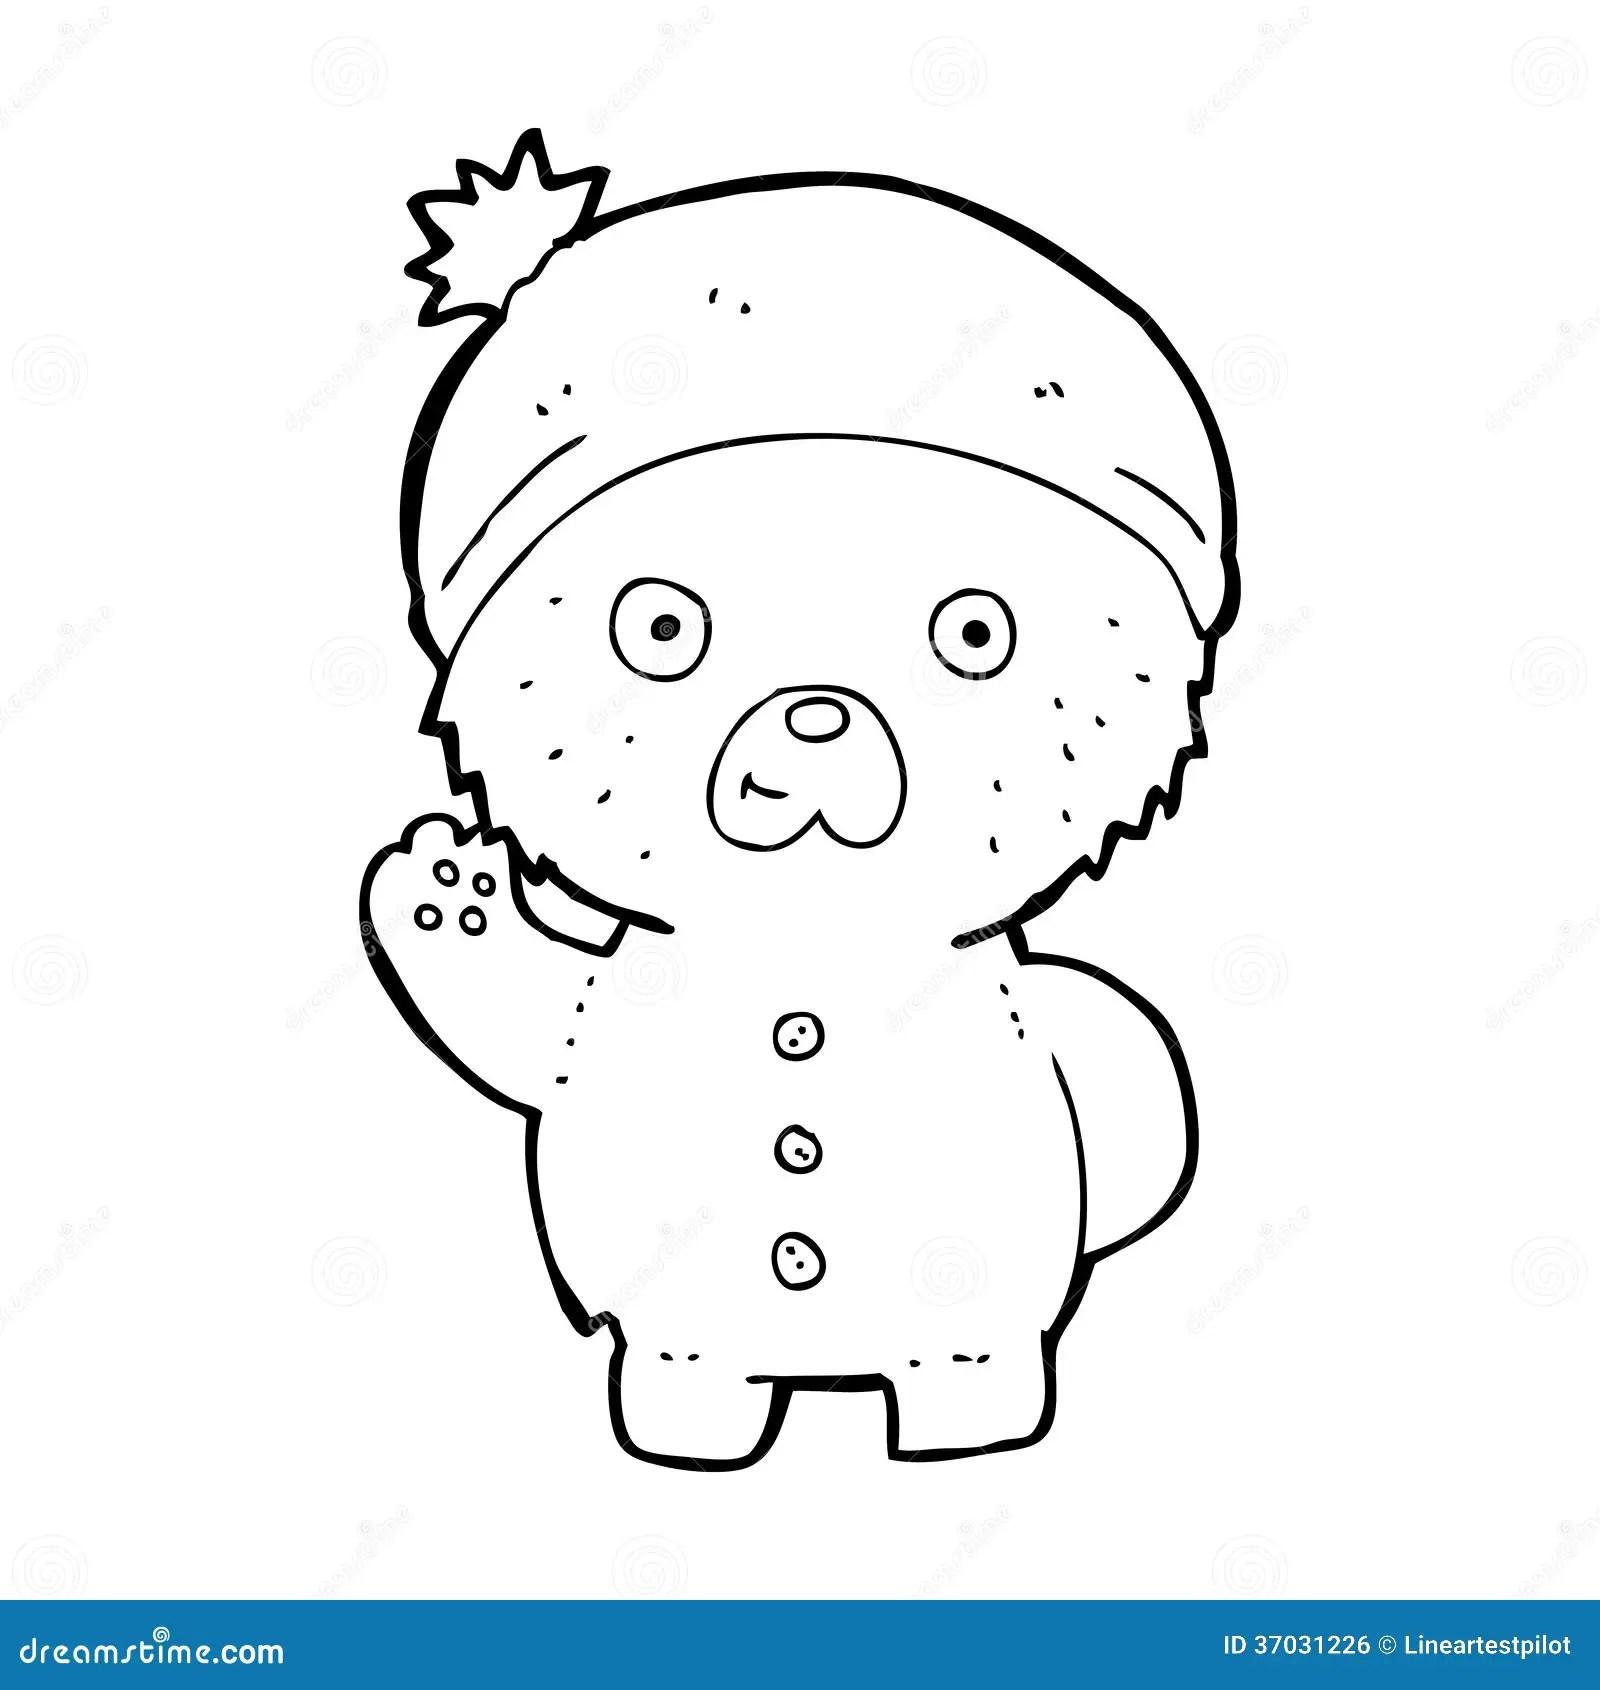 A Crazy Bear